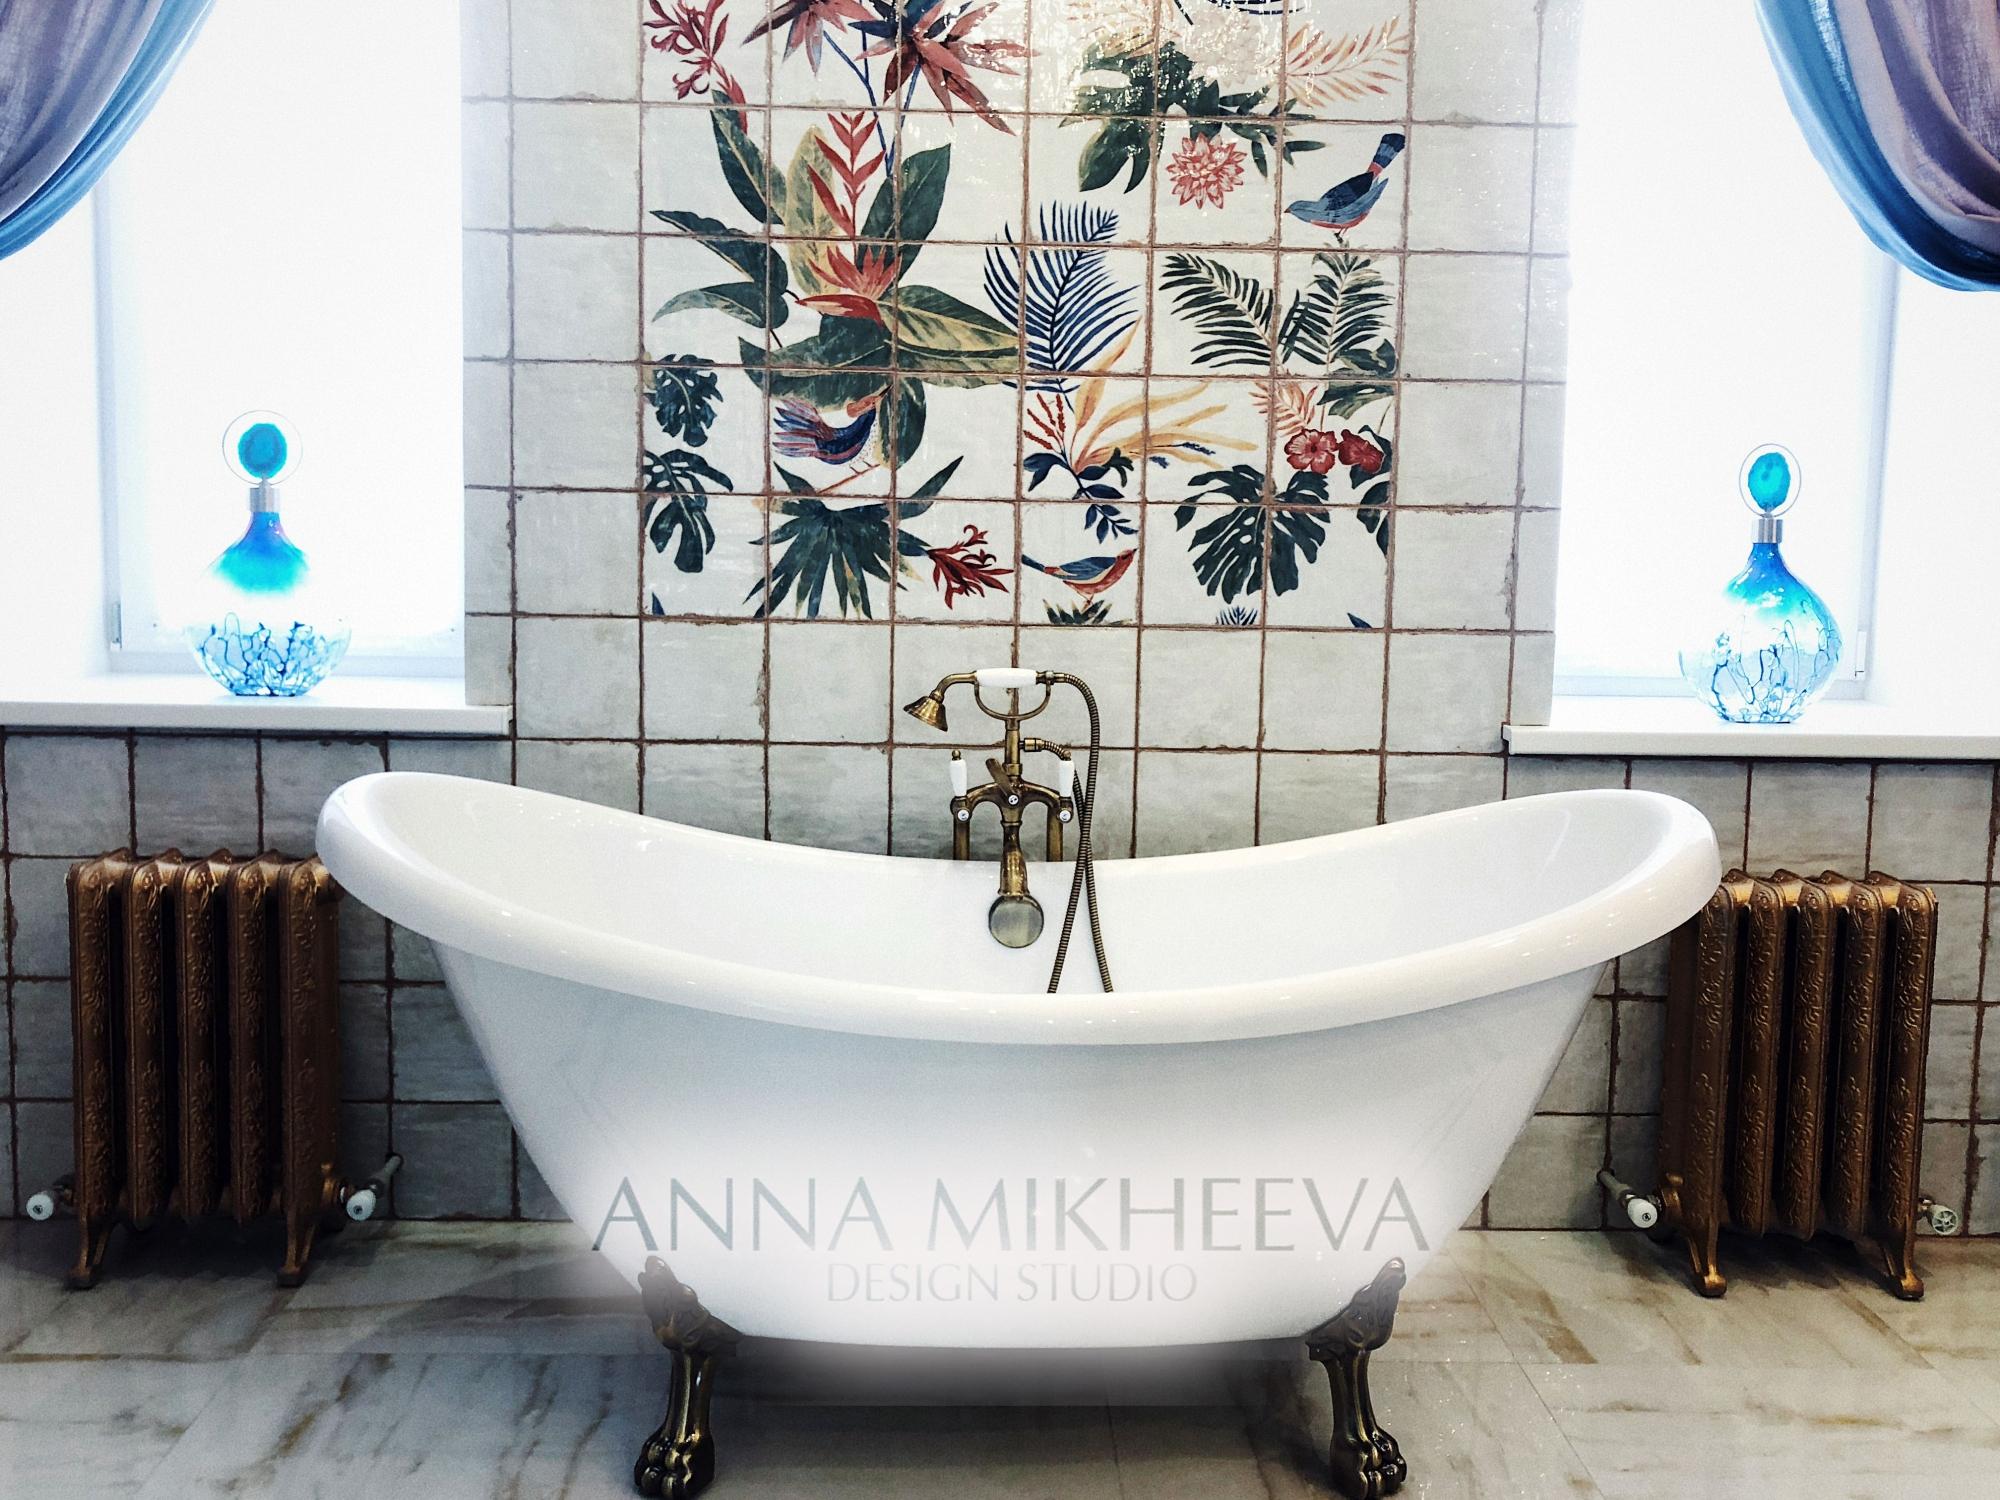 Интерьер ванной комнаты лучшие идеи. В Астане. Фото.